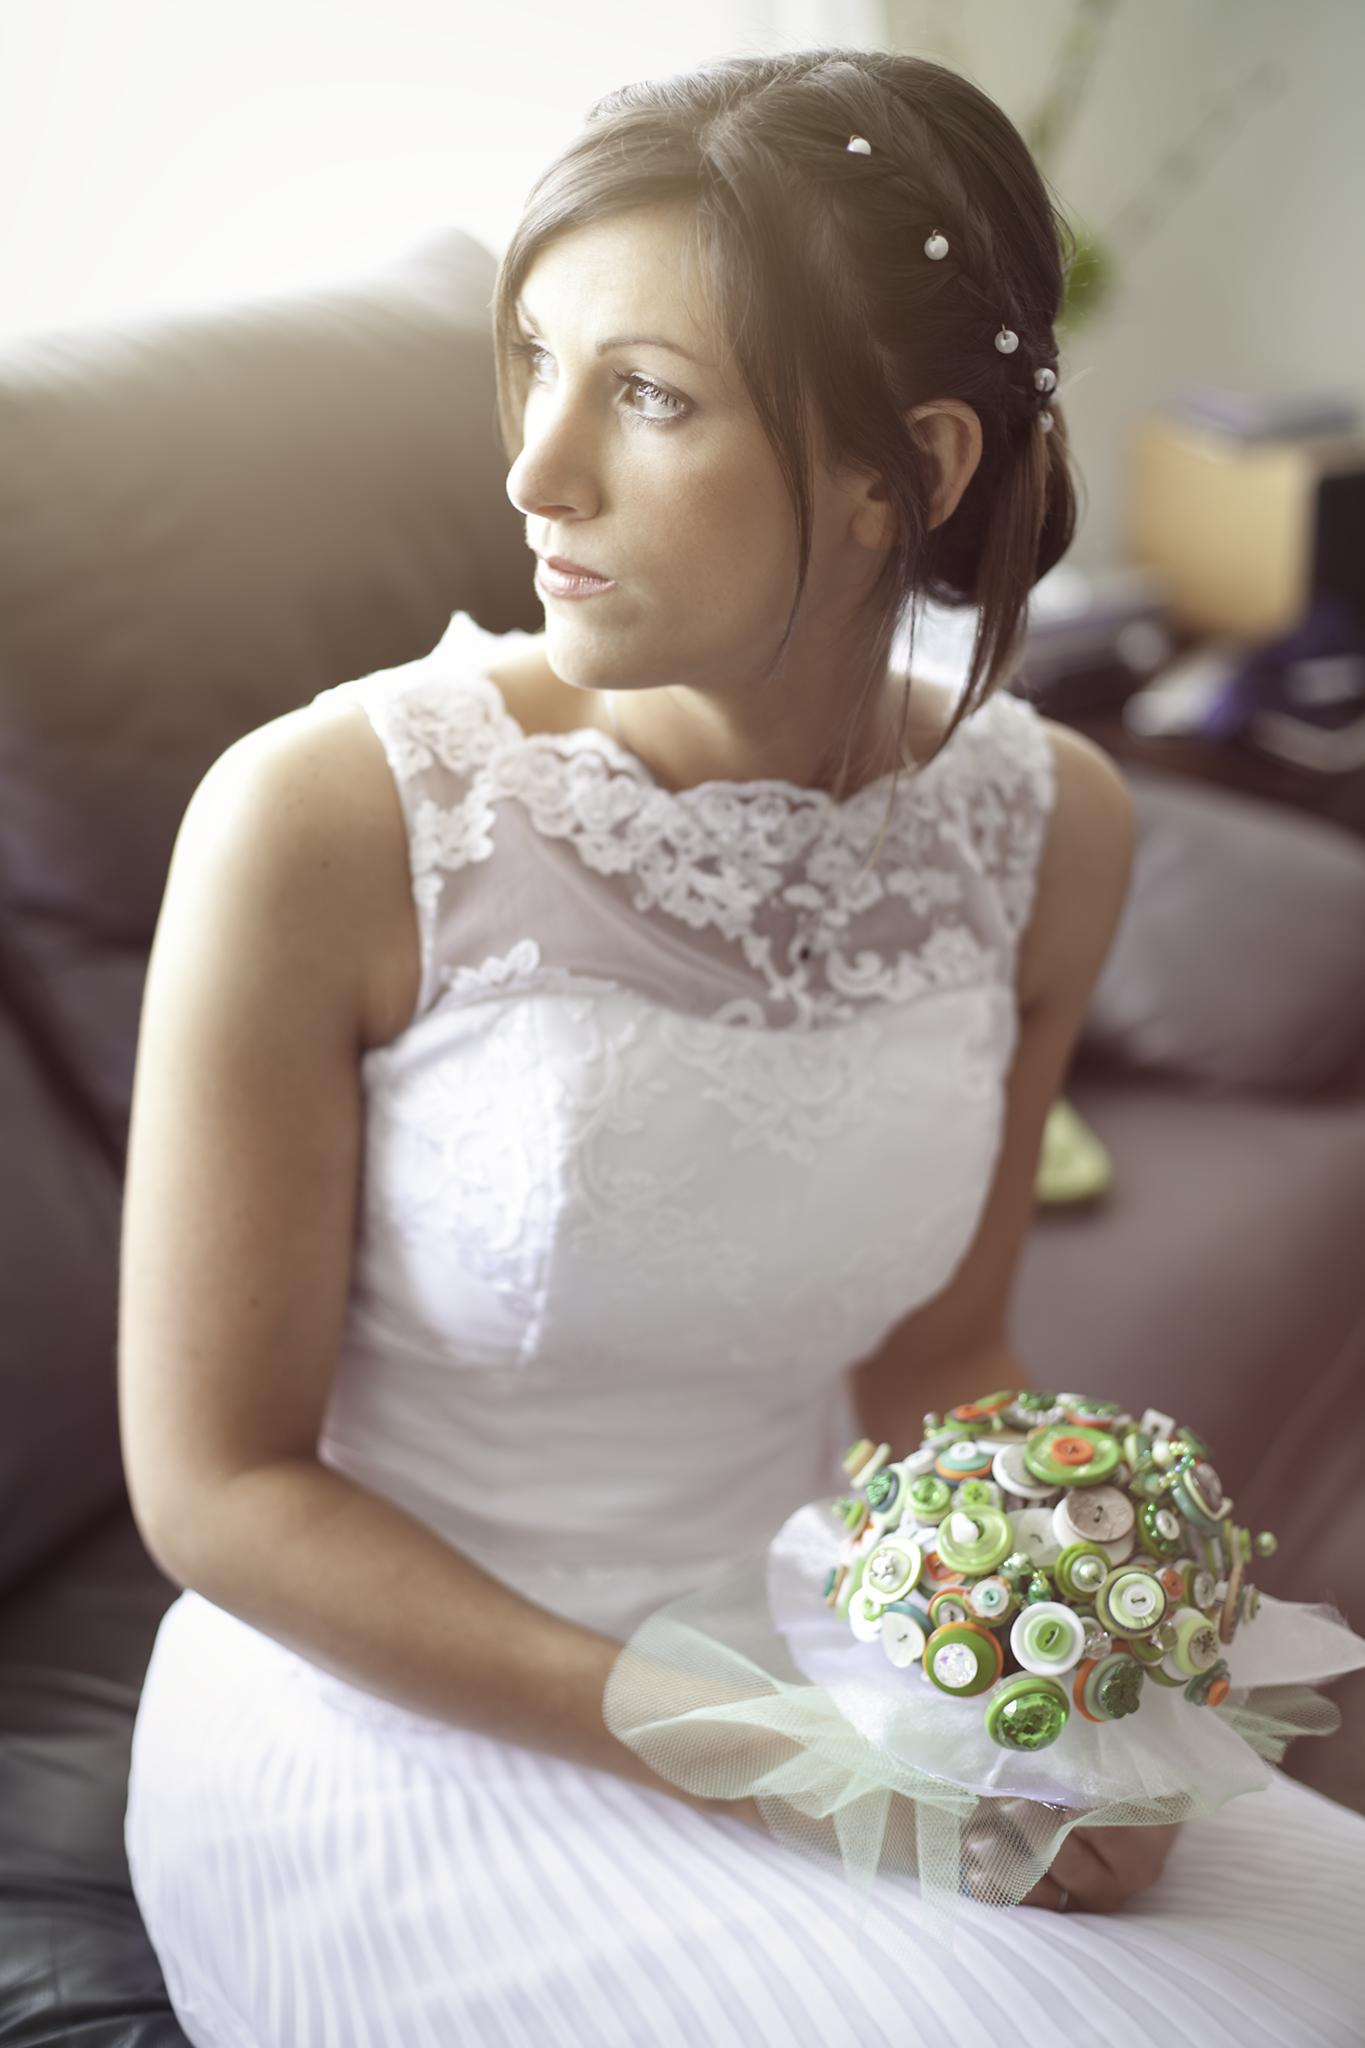 Simon_Rawling_Wedding_Photography_7.jpg